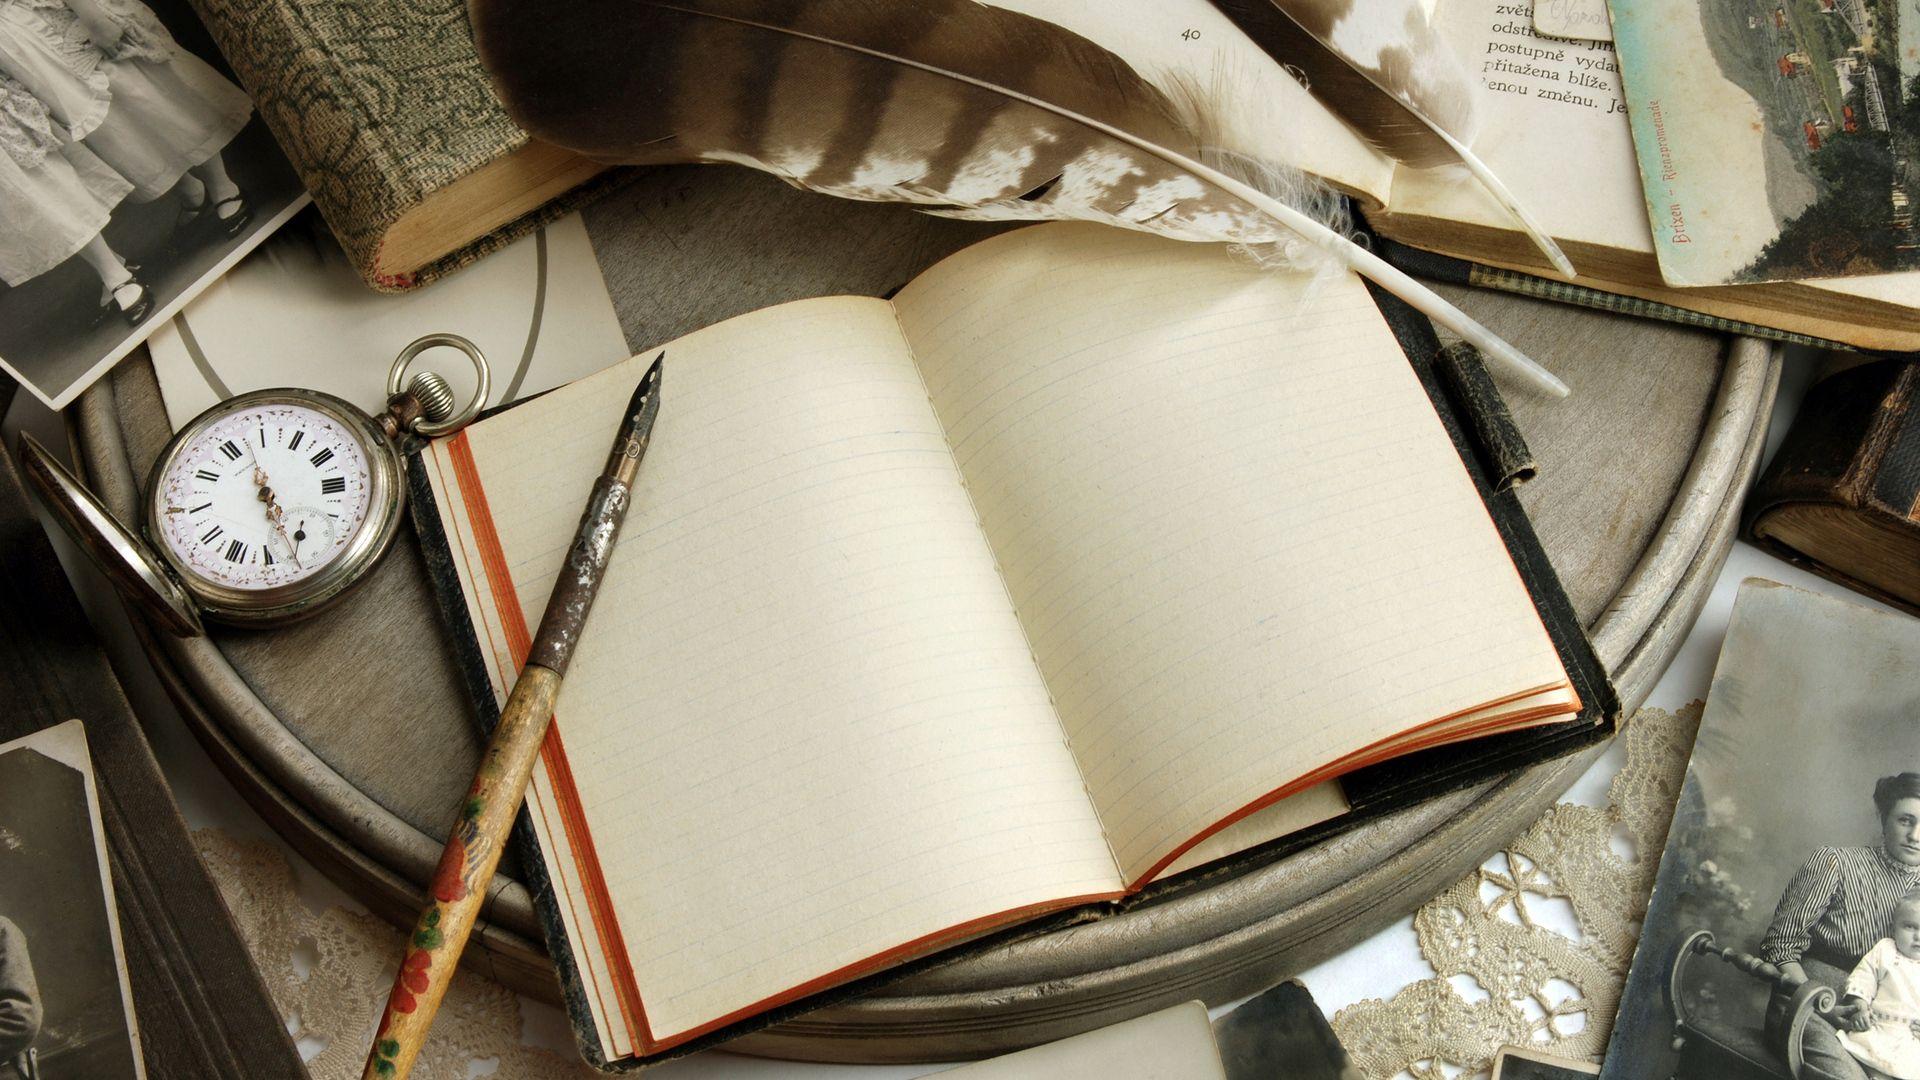 52286 скачать обои Разное, Книга, Тетрадь, Ручка, Перья, Часы - заставки и картинки бесплатно